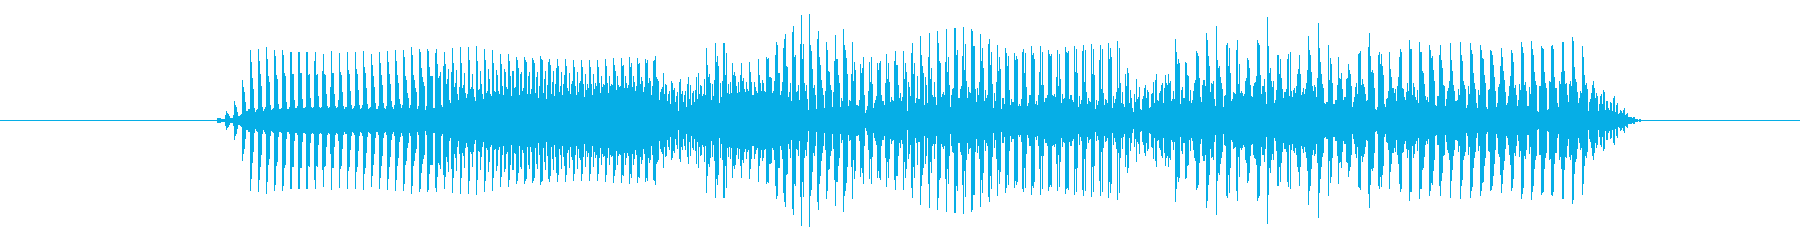 下降音 決定 選択 タララ トゥルルの再生済みの波形